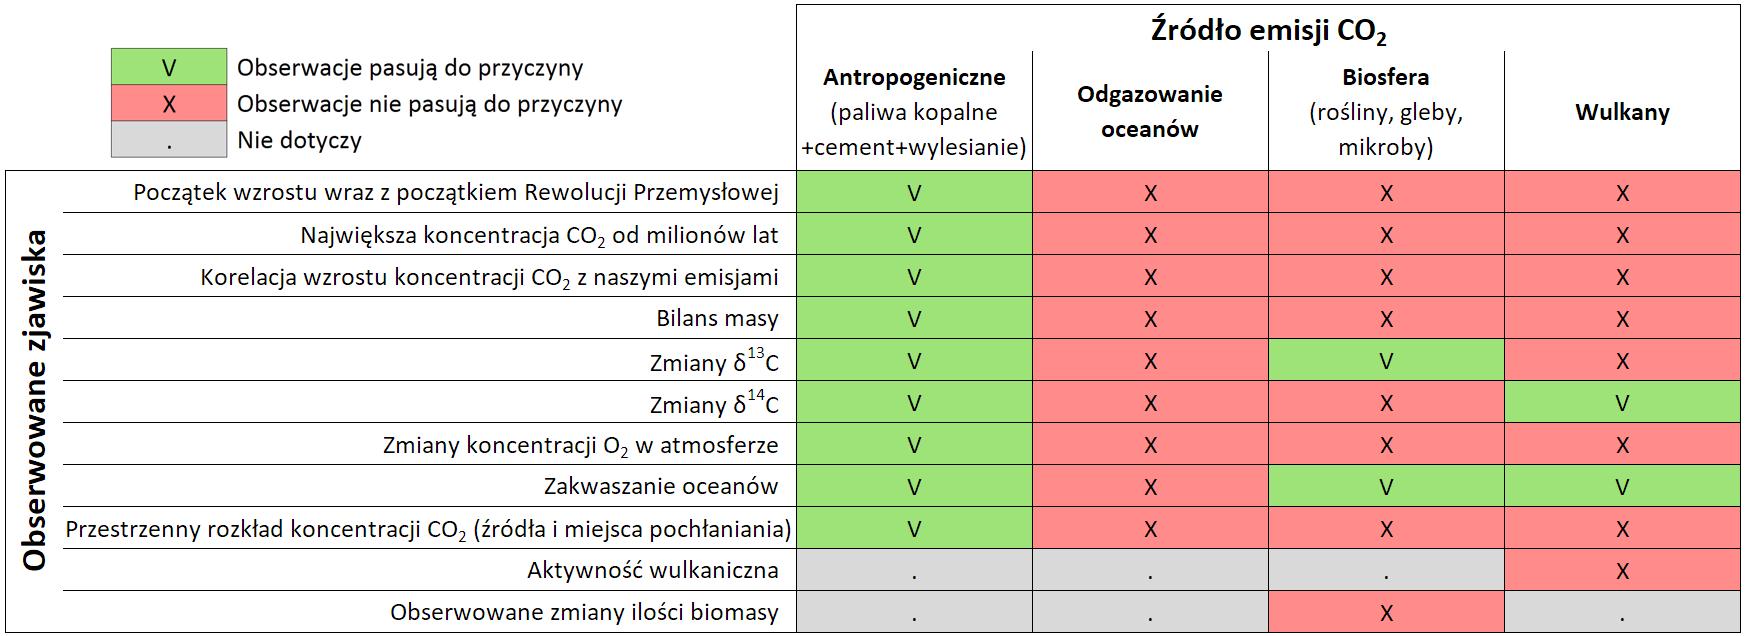 Zestawienie obserwowanych zjawisk z potencjalnymi przyczynami obserwowanego wzrostu stężenia dwutlenku węgla